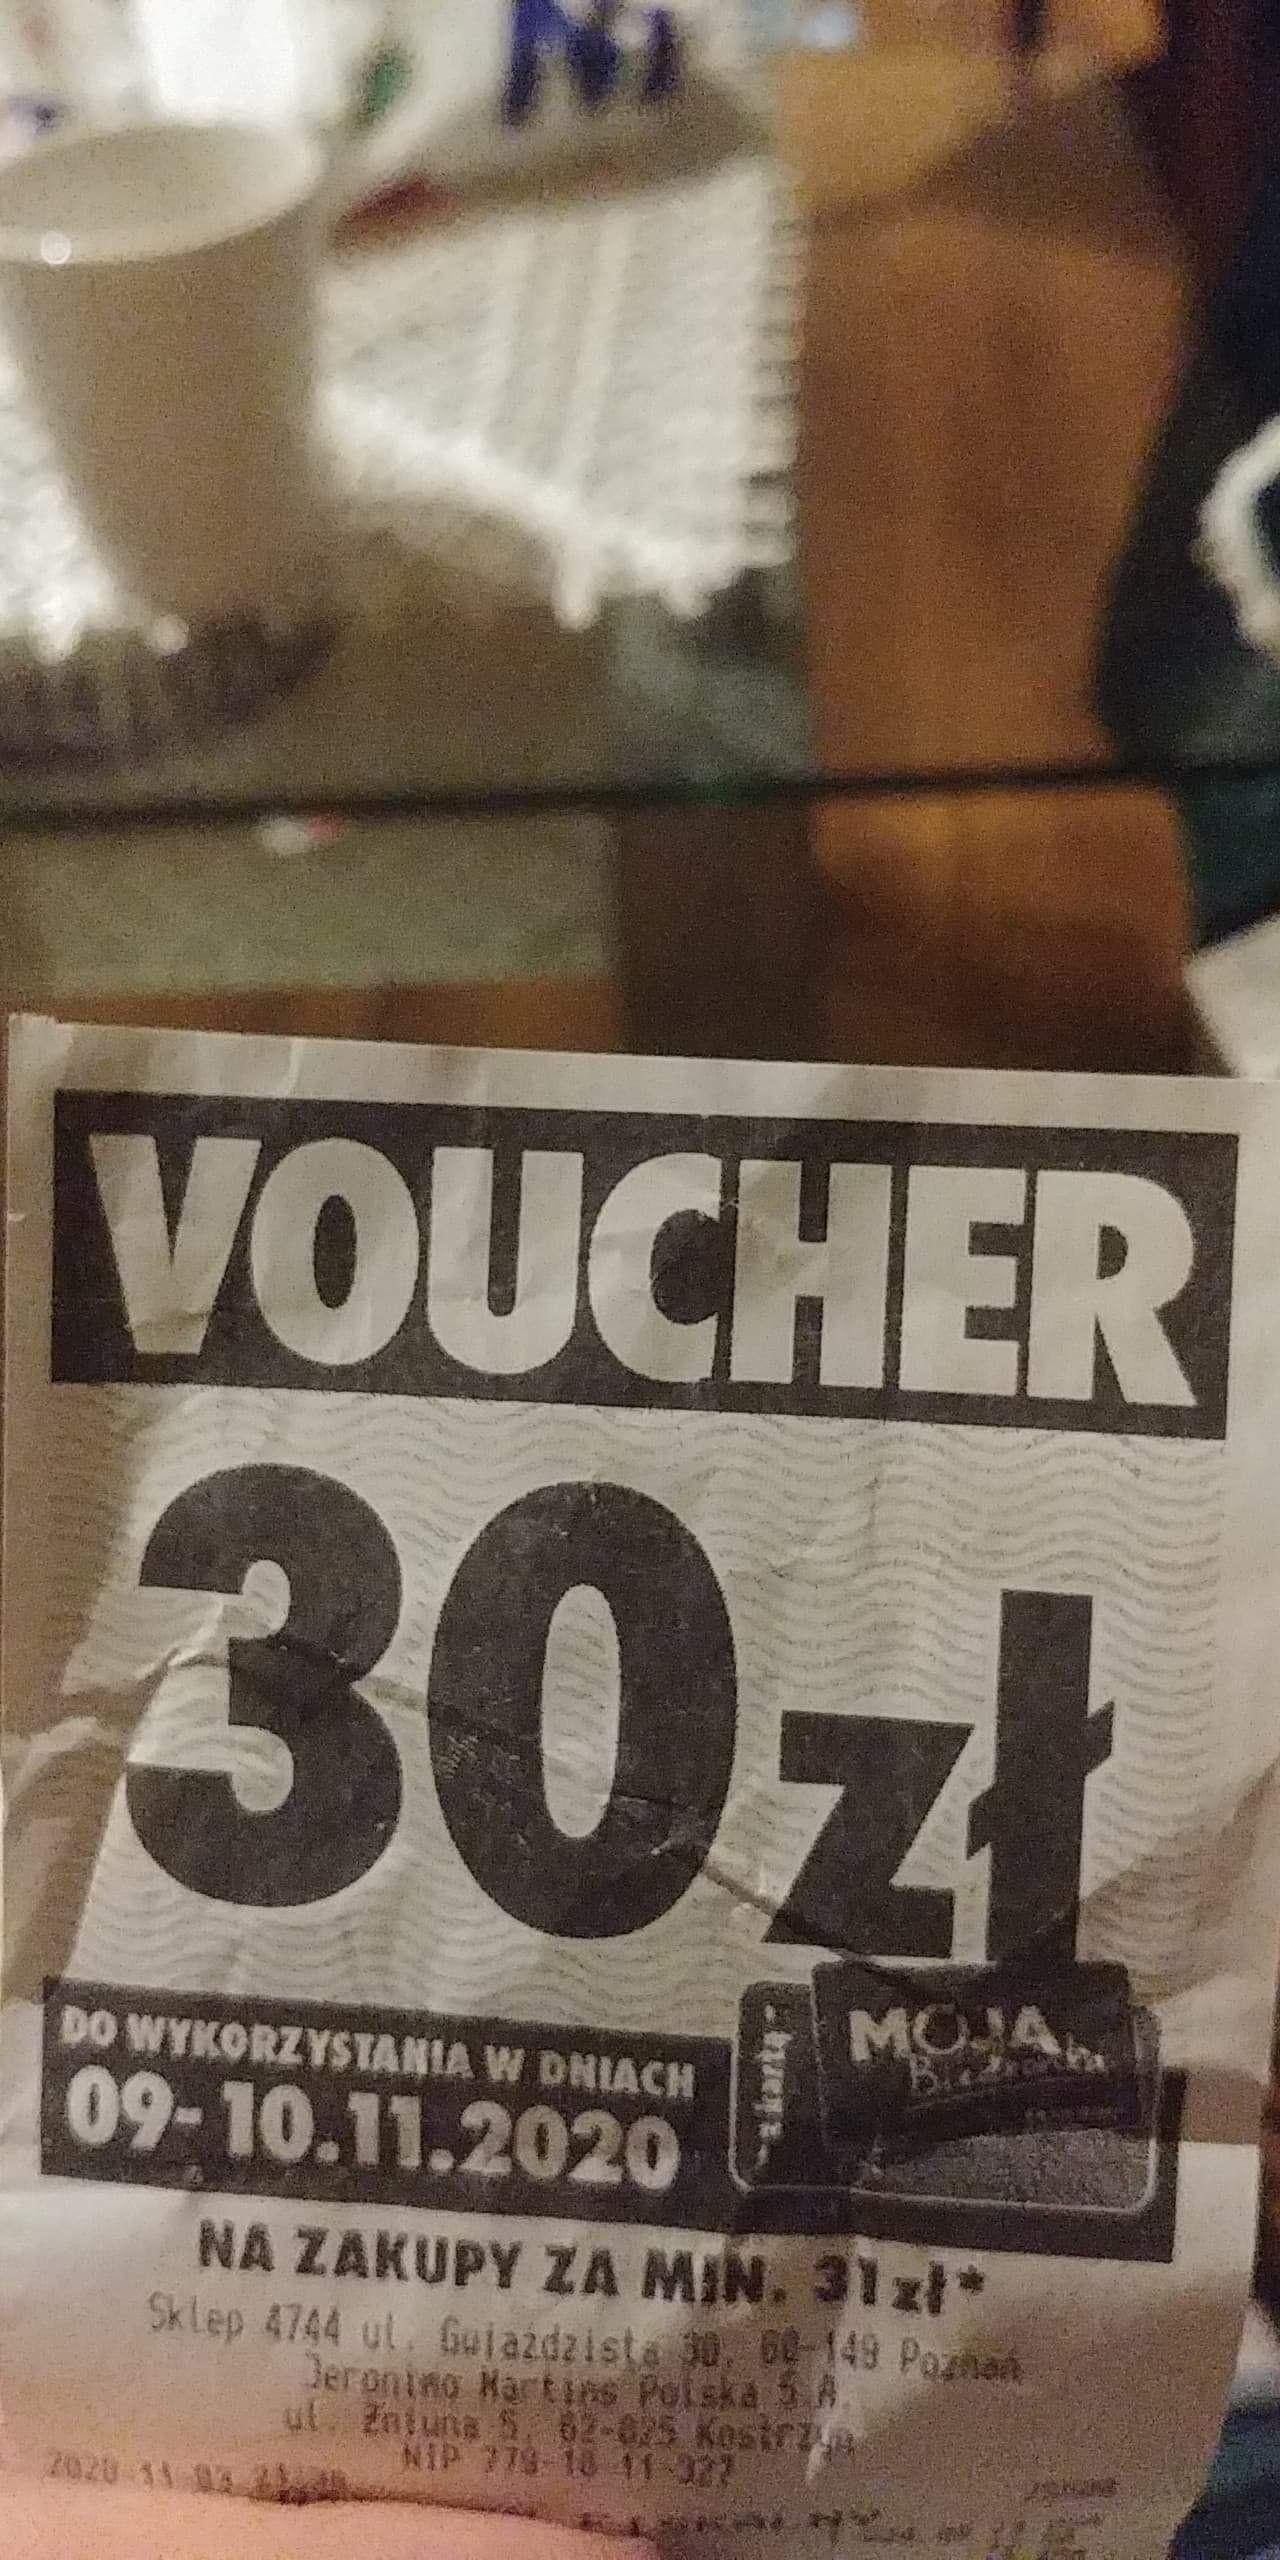 Biedronka kupon rabatowy 30 zł mwz 31 przy zakupie artykułów promocyjnych